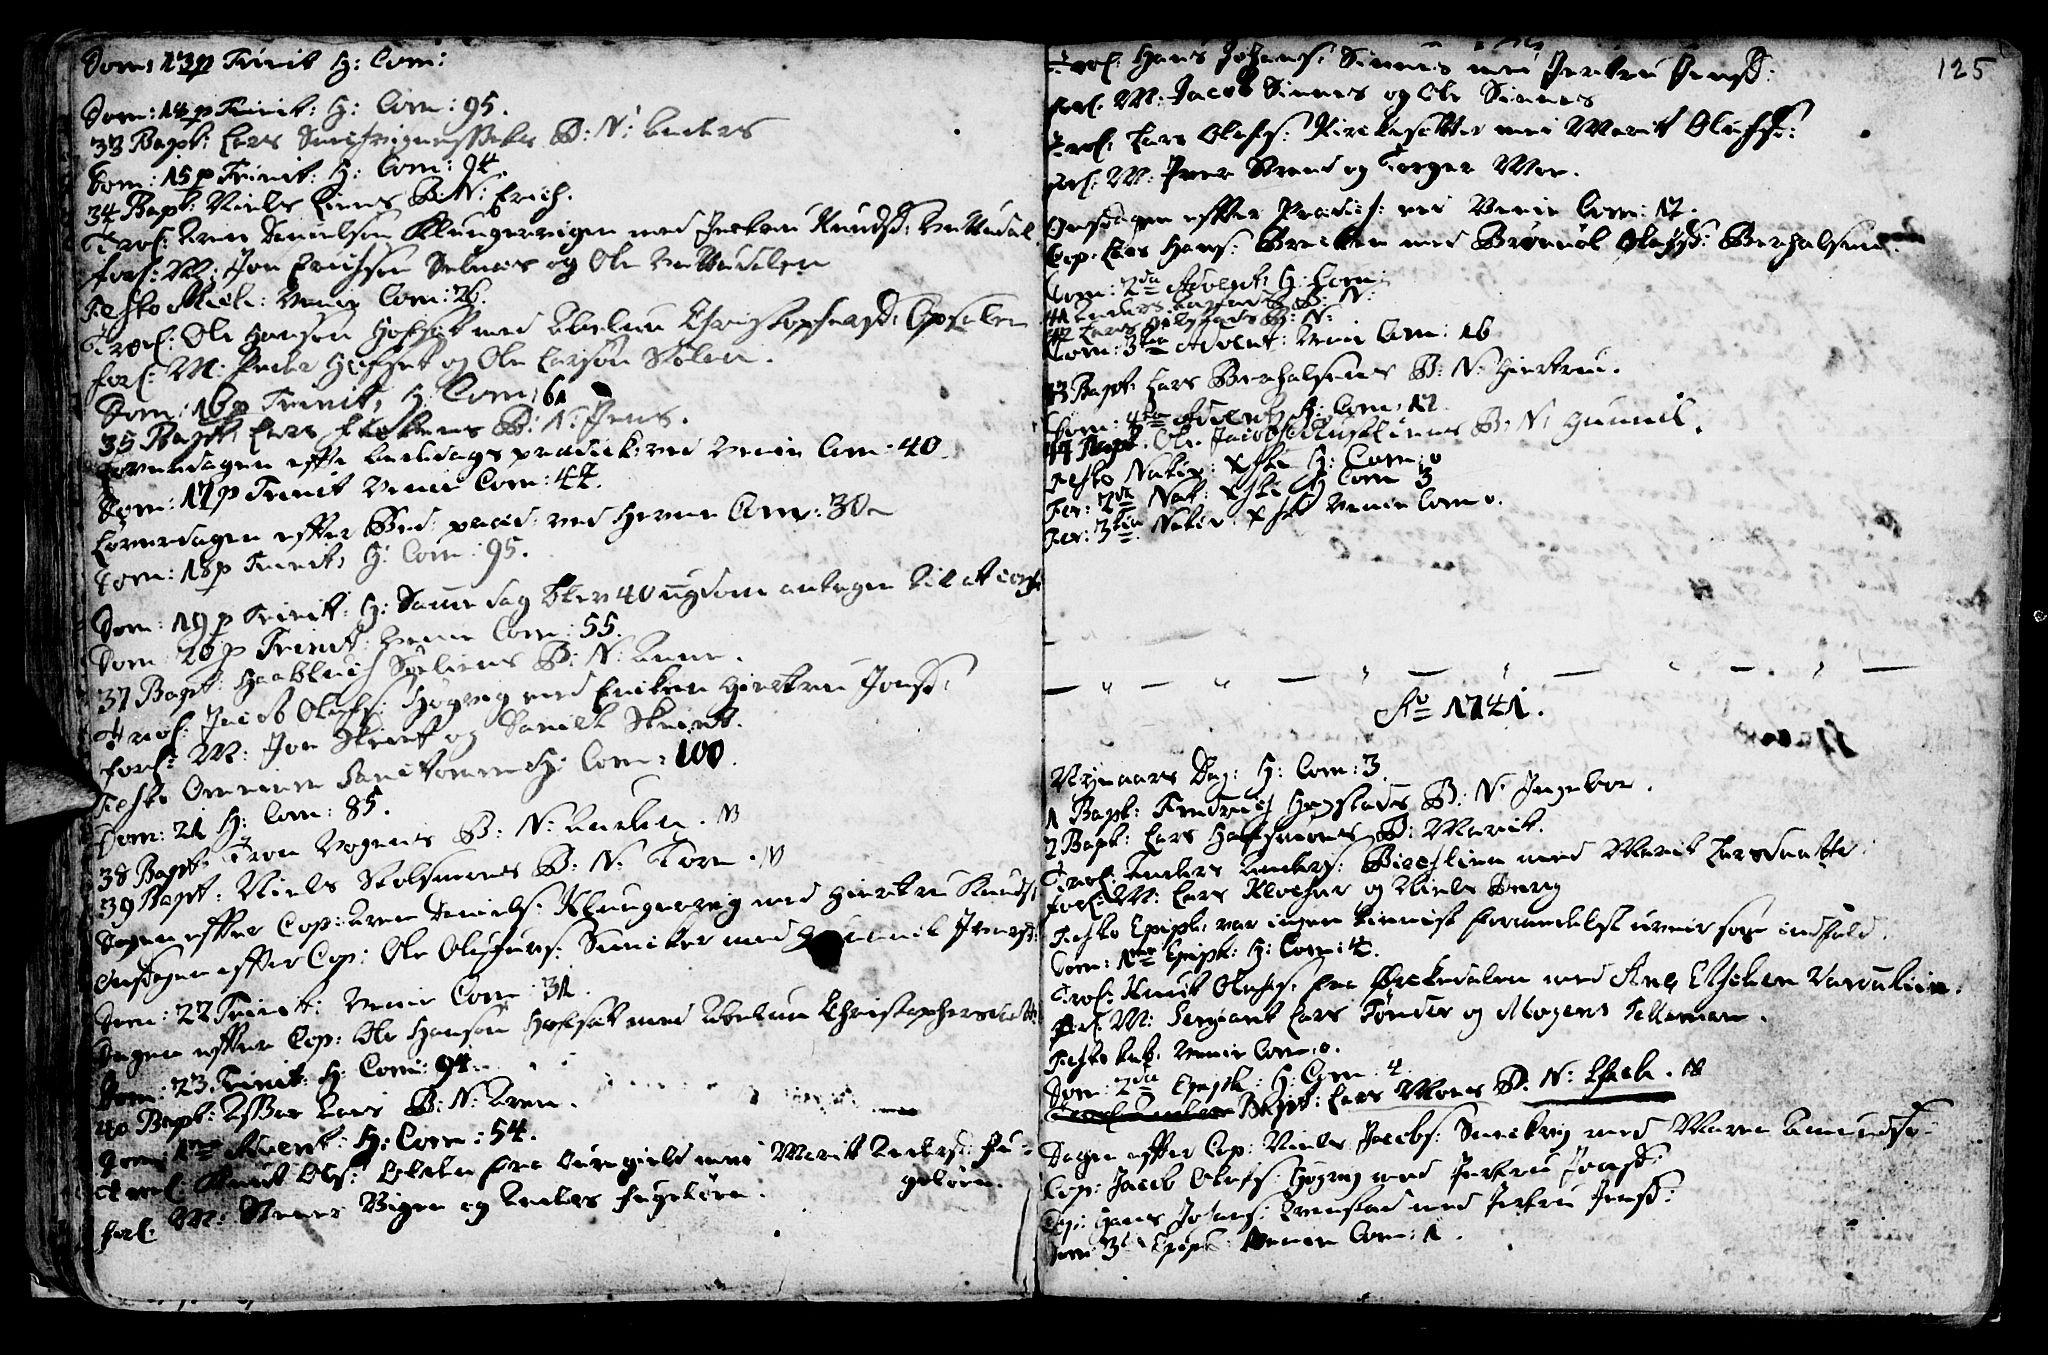 SAT, Ministerialprotokoller, klokkerbøker og fødselsregistre - Sør-Trøndelag, 630/L0488: Ministerialbok nr. 630A01, 1717-1756, s. 124-125